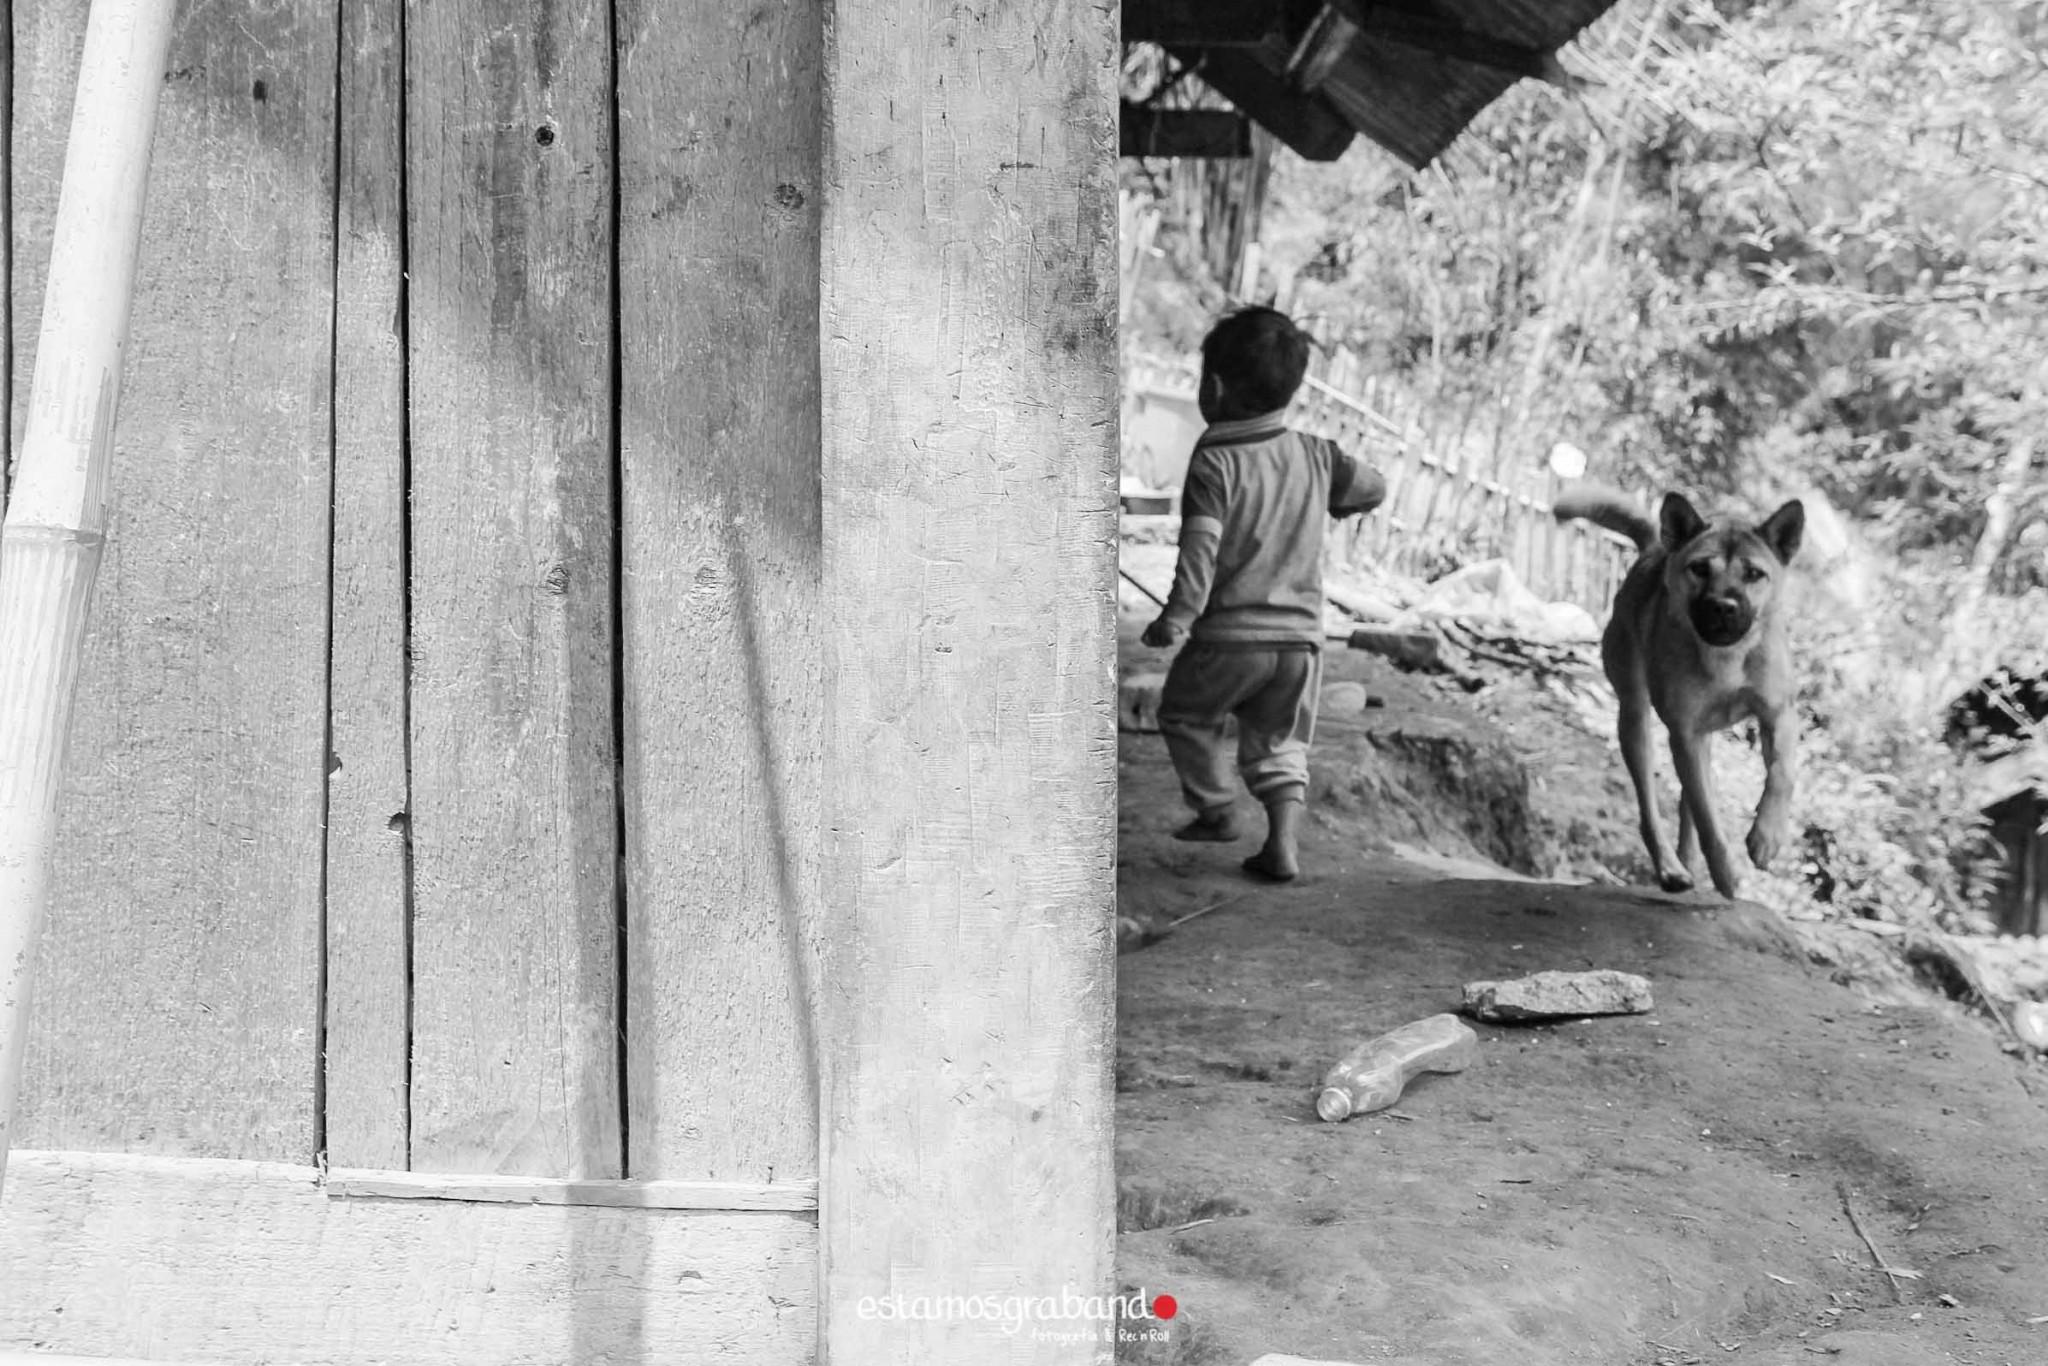 reportaje-vietnam_fotograficc81a-vietnam_estamosgrabando-vietnam_rutasvietnam_reportaje-retratos-fotos-vietnam_fotografia-vietnam_reportaje-estamosgrabando-fotograficc81a-vietnam-15 Pequeños grandes recuerdos de Vietnam en 100 imágenes - video boda cadiz